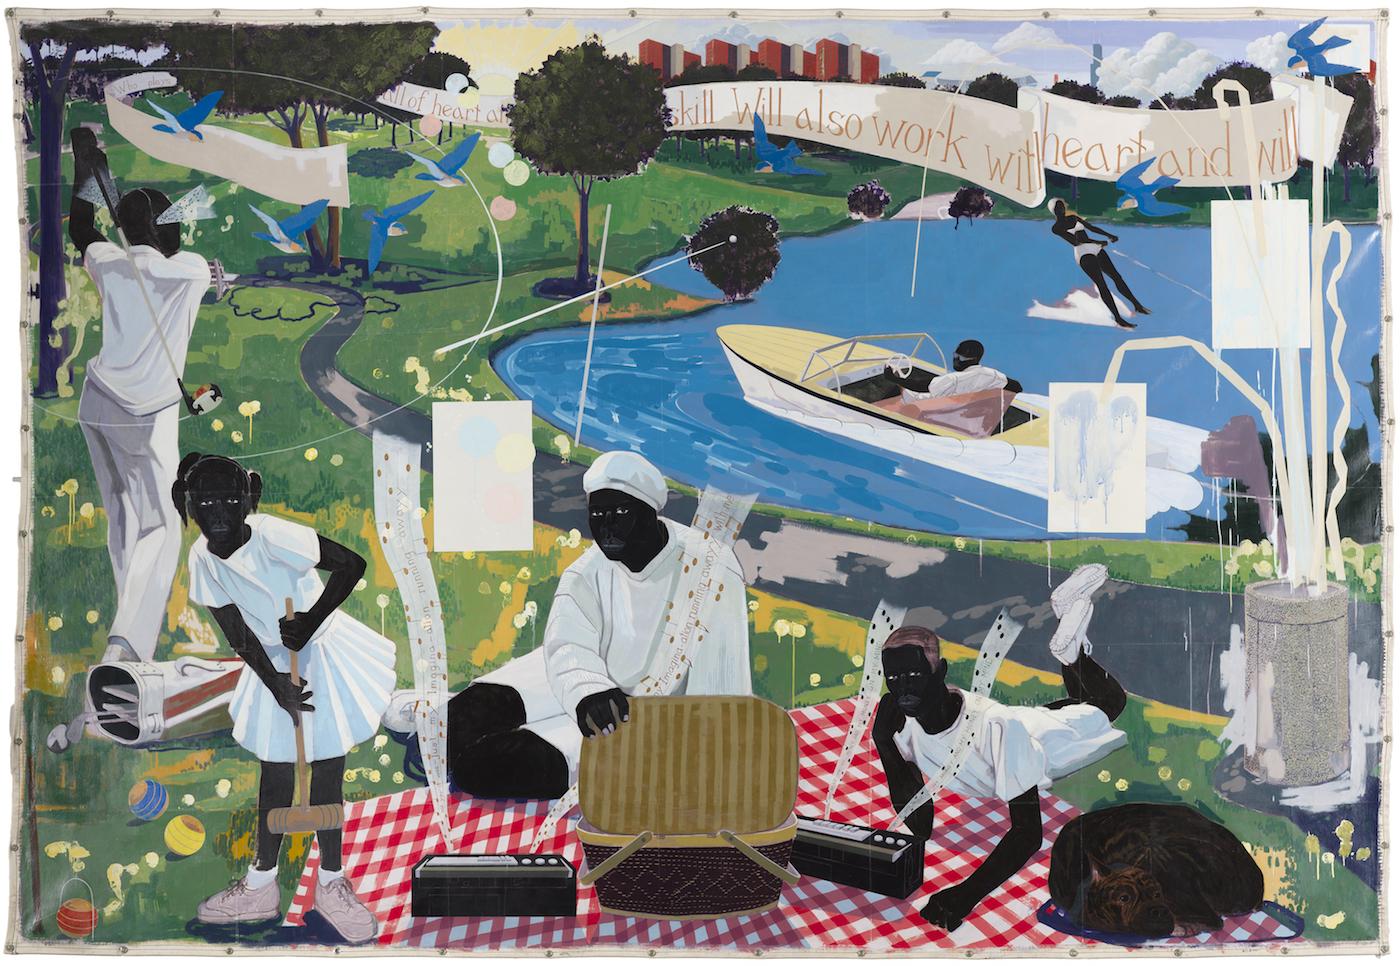 Ponad 21 milionów dolarów za obraz chicagowskiego artysty